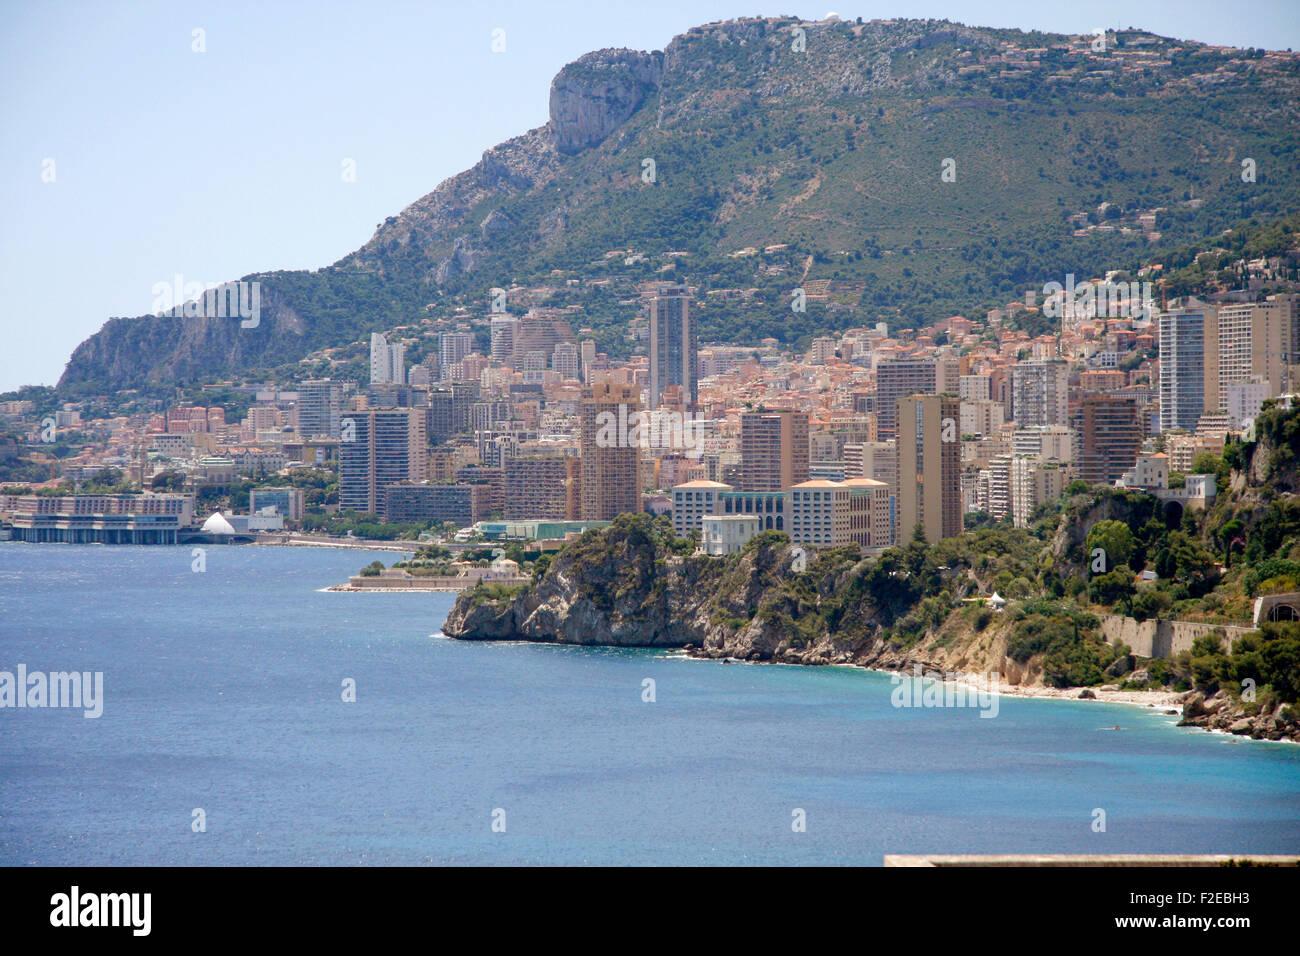 Impressionen: Monte Carlo, Monaco, Cote d Azur. - Stock Image